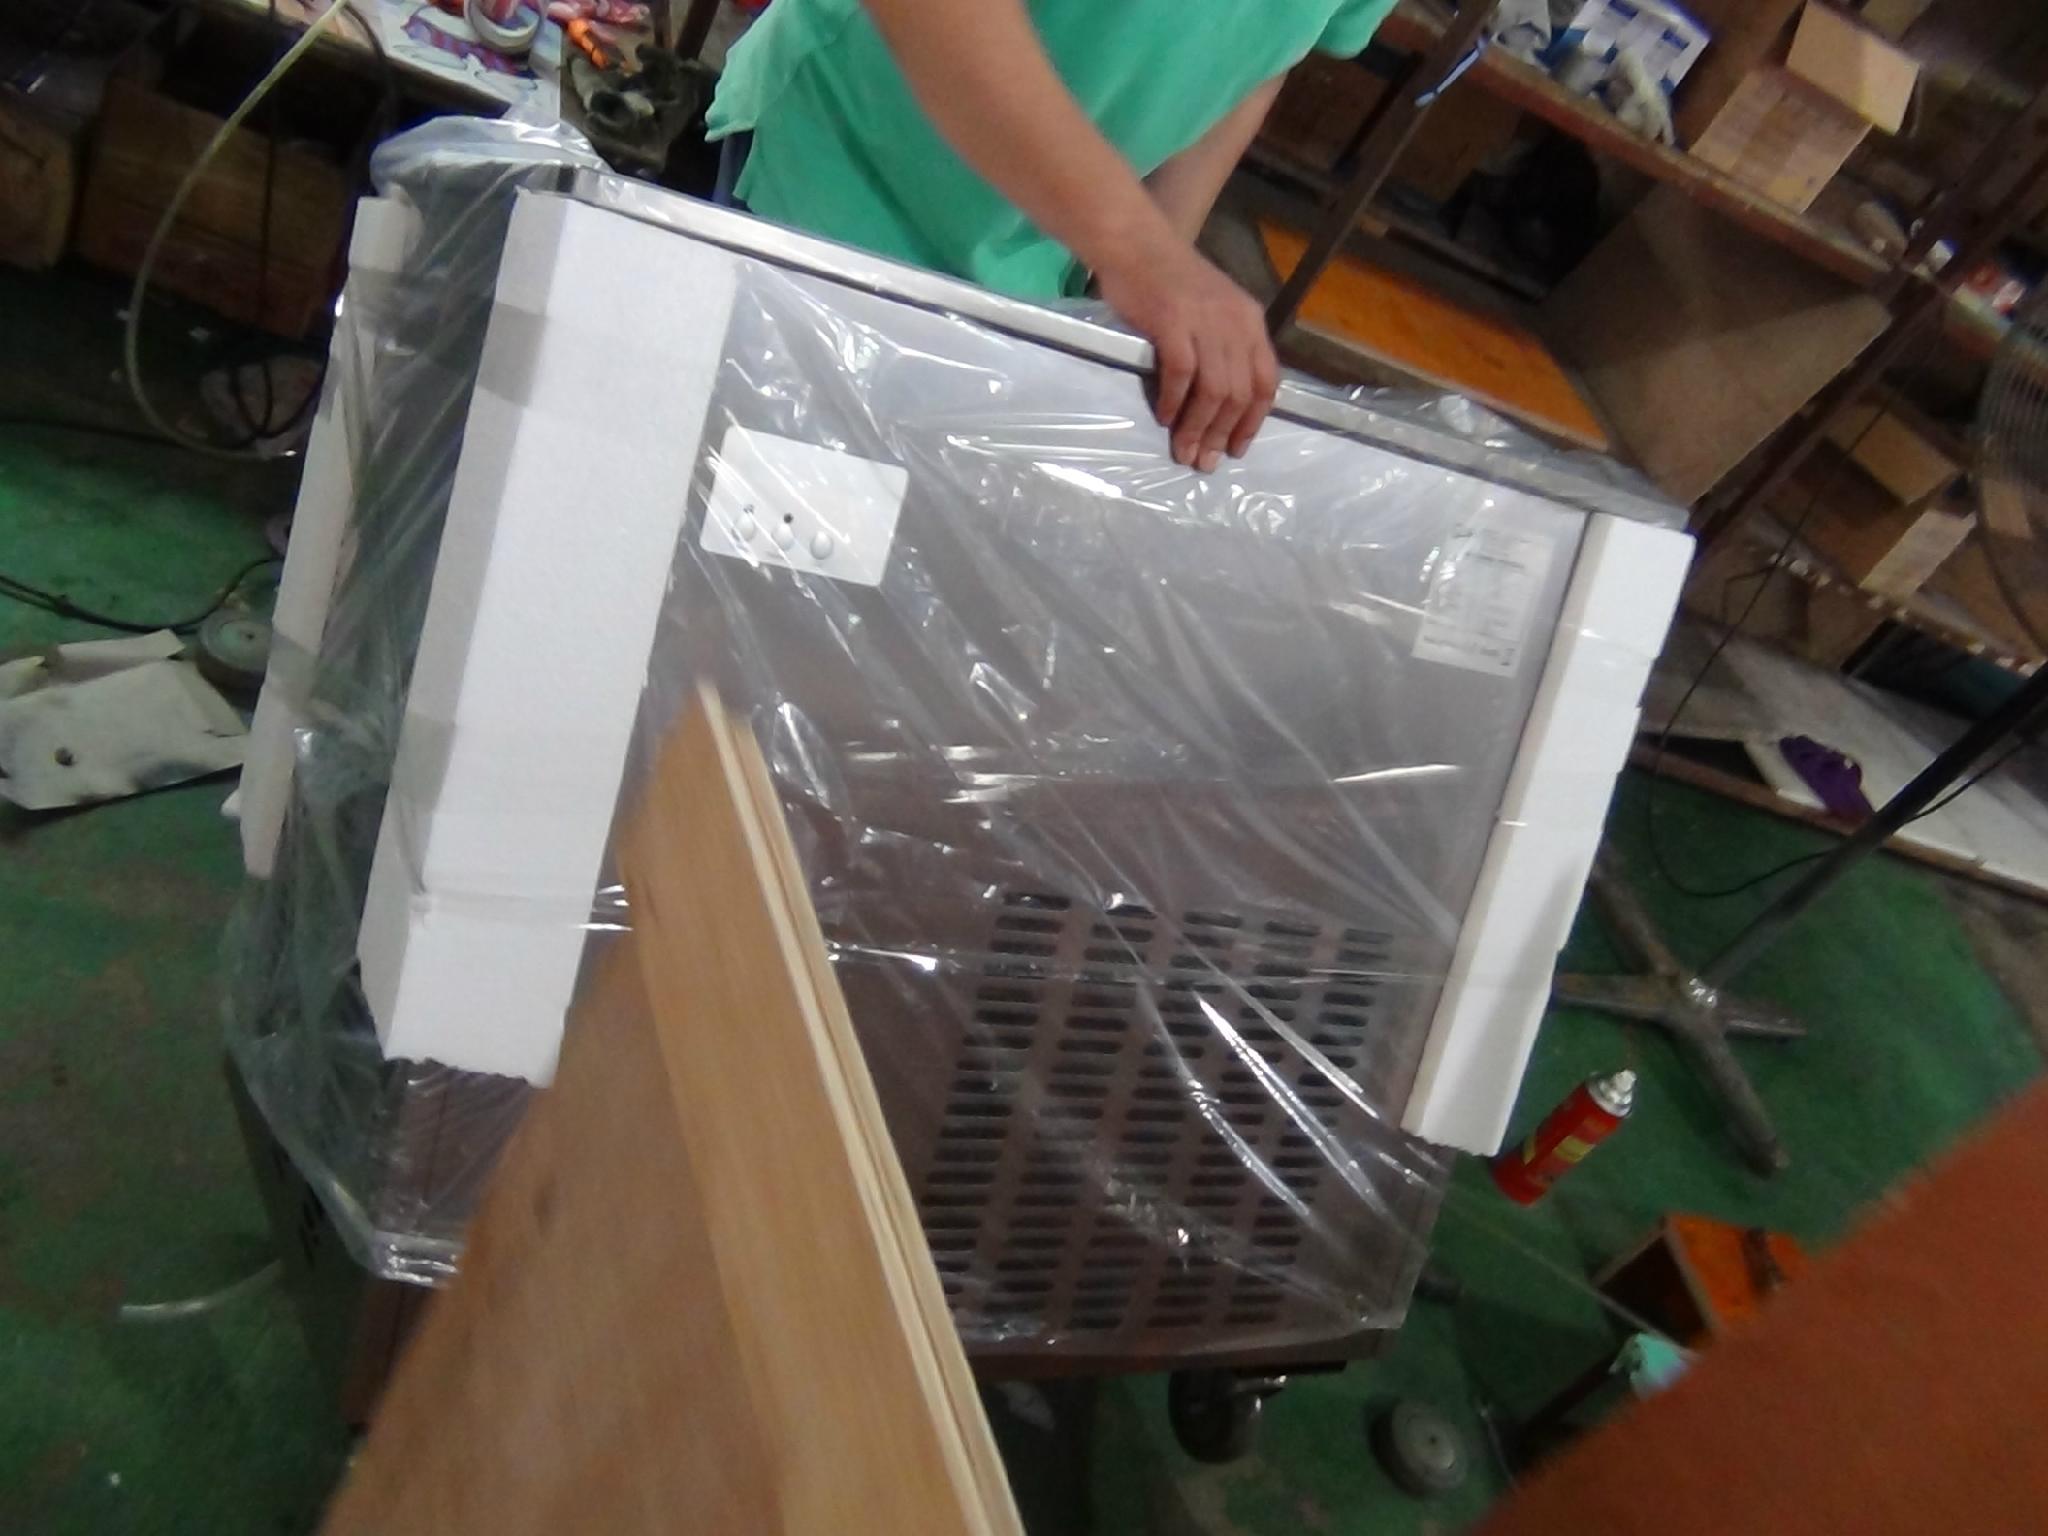 CB-100方盘炒冰机,炒冰机什么牌子好 8